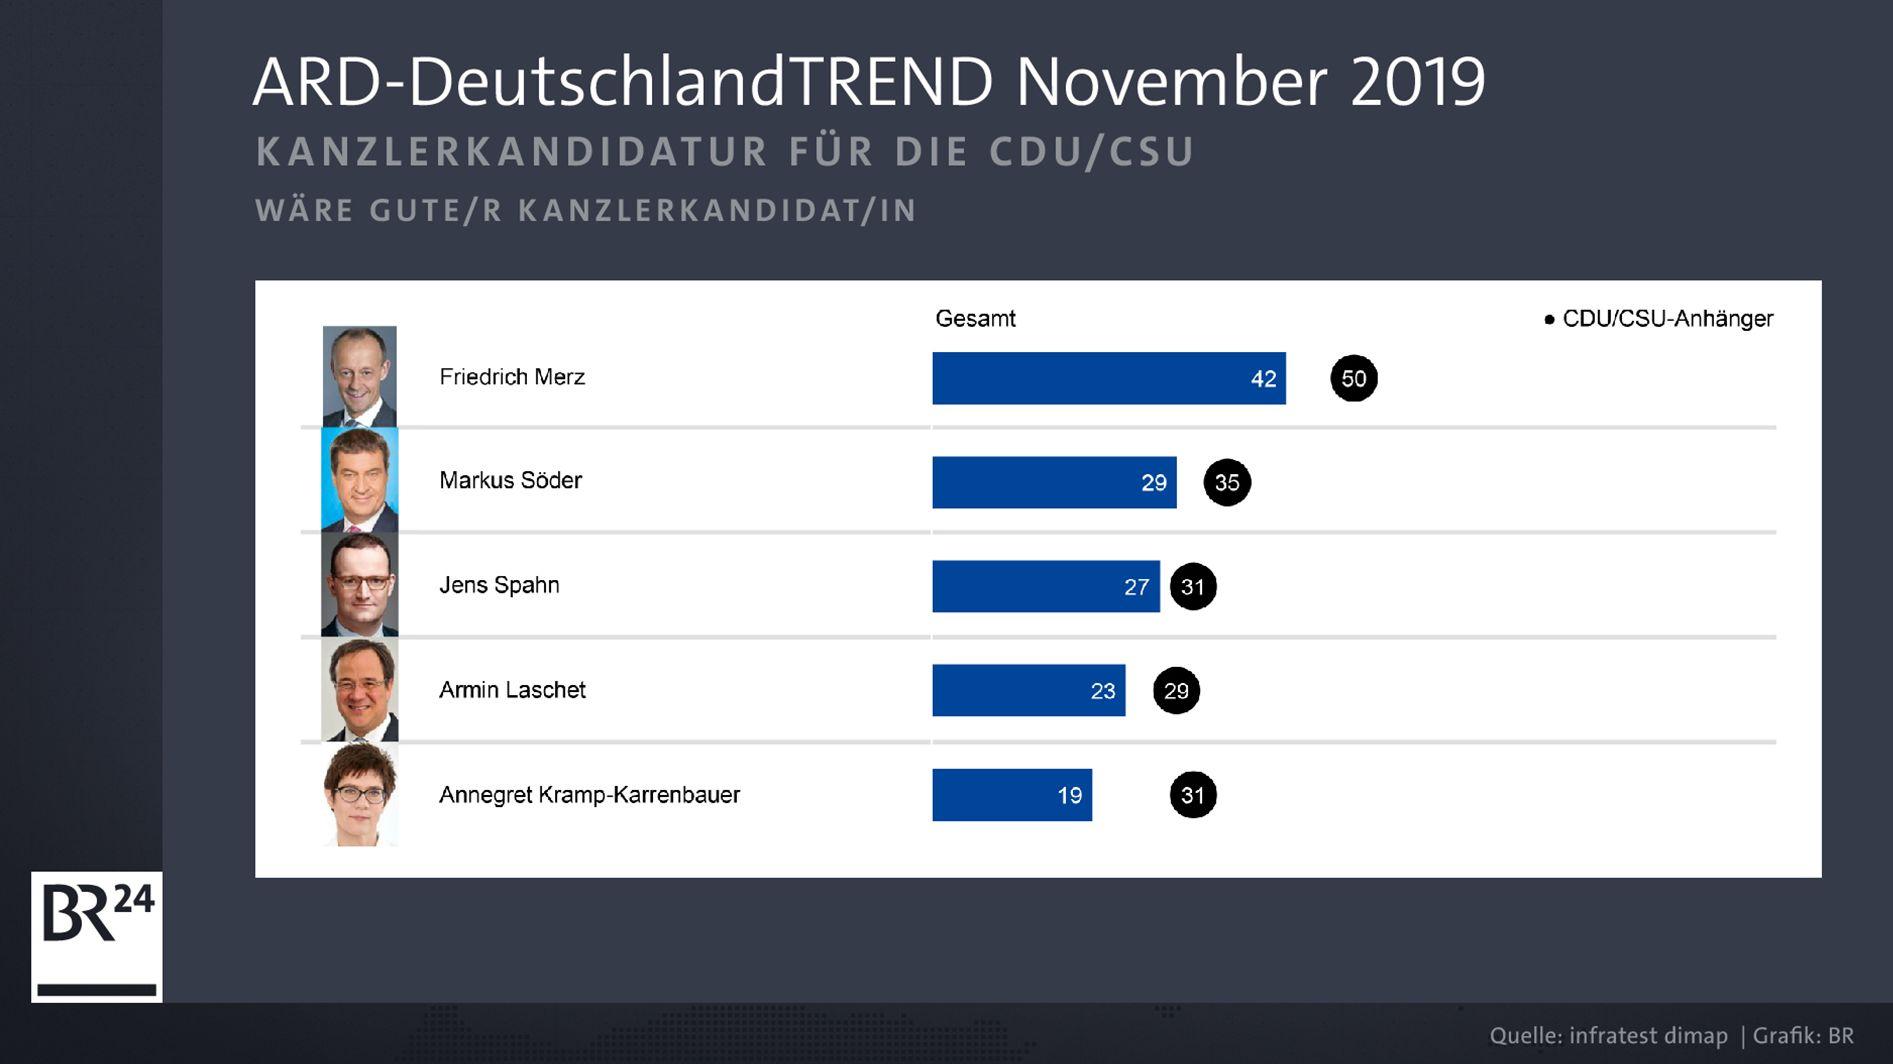 Unions-Kanzlerkandidatur: Merz in ARD-DeutschlandTrend vor Söder